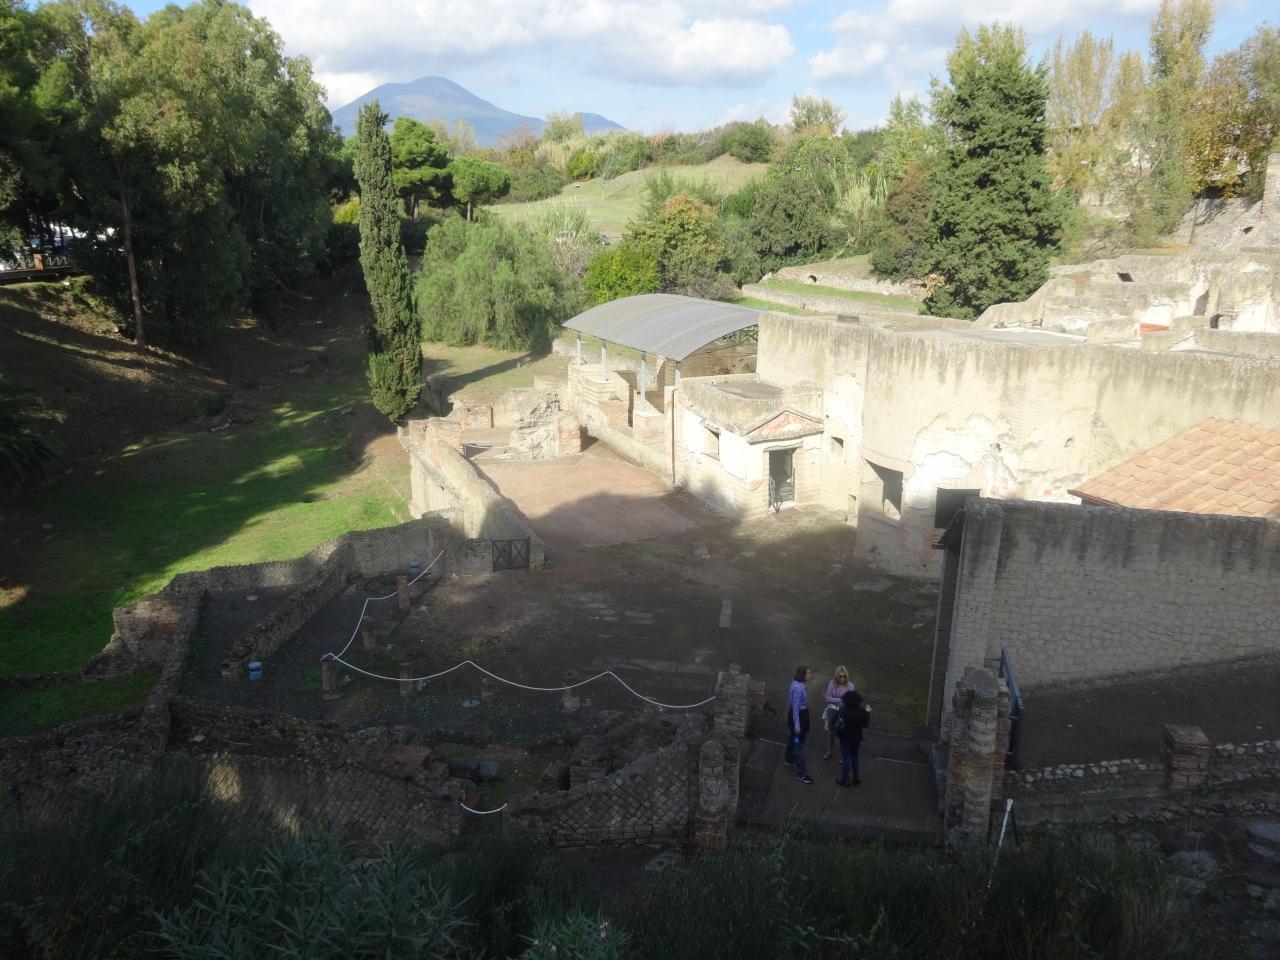 ポンペイ、ヘルクラネウム及びトッレ・アンヌンツィアータの遺跡地域の画像 p1_25